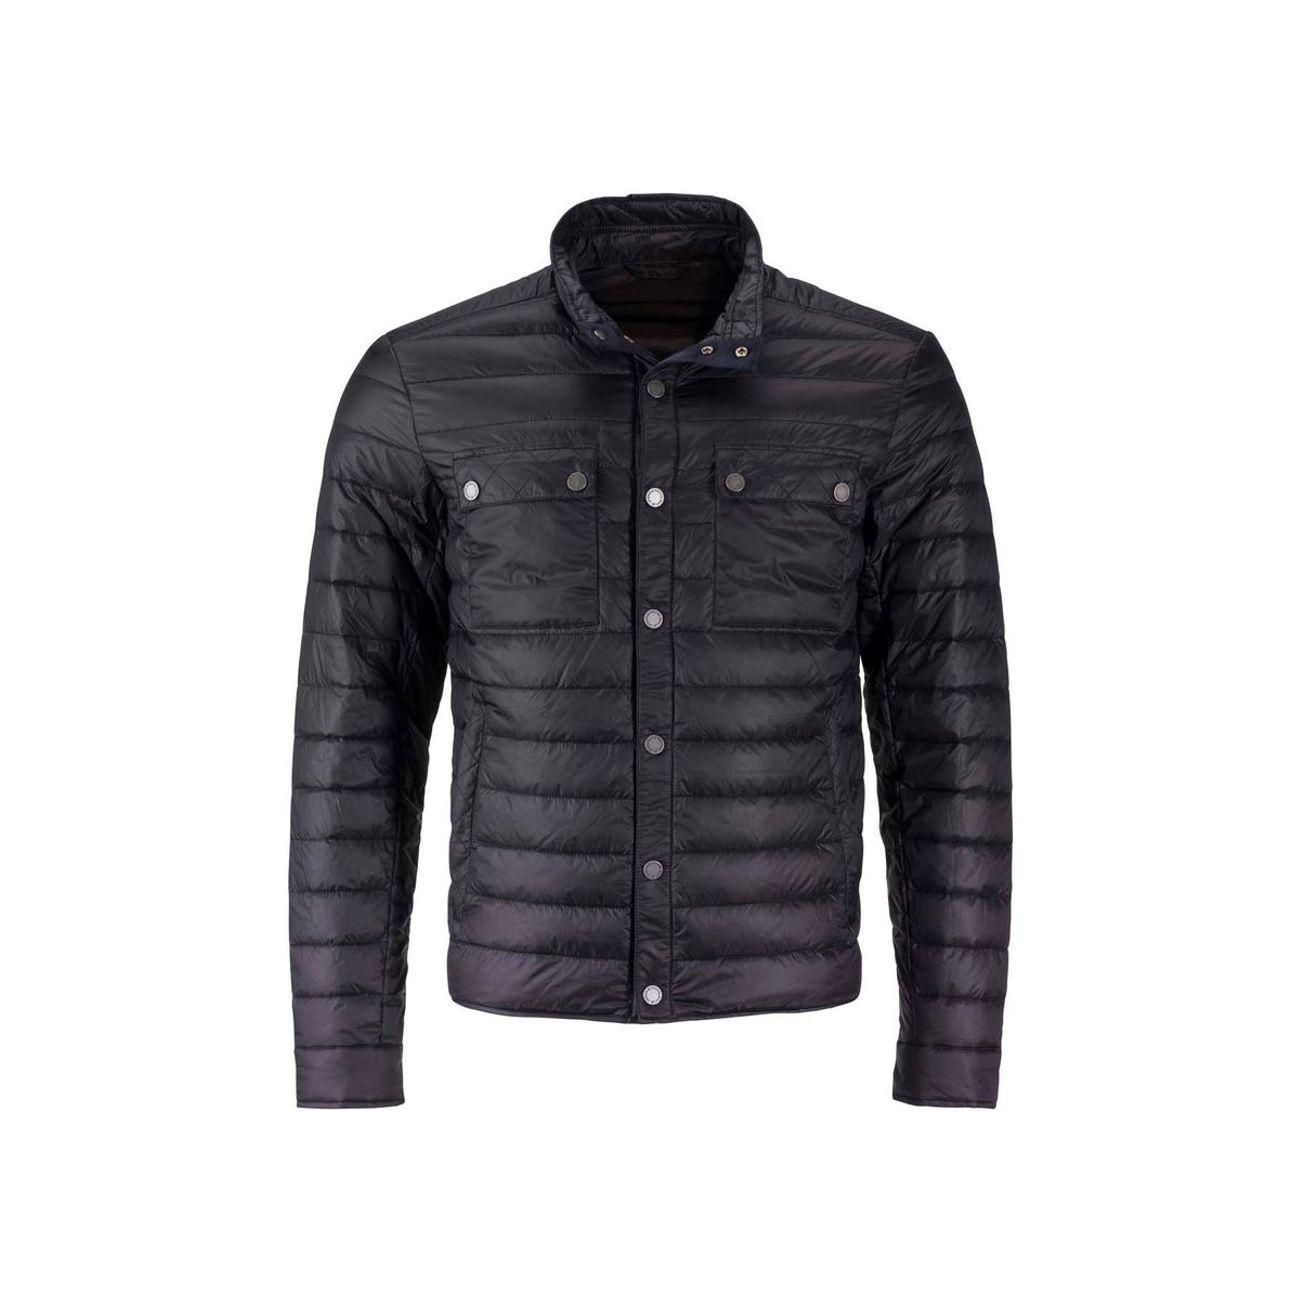 100% authentique 87333 09483 Sports d'hiver homme JAMES & NICHOLSON Veste homme - doudoune légére duvet  - JN1106 - noir